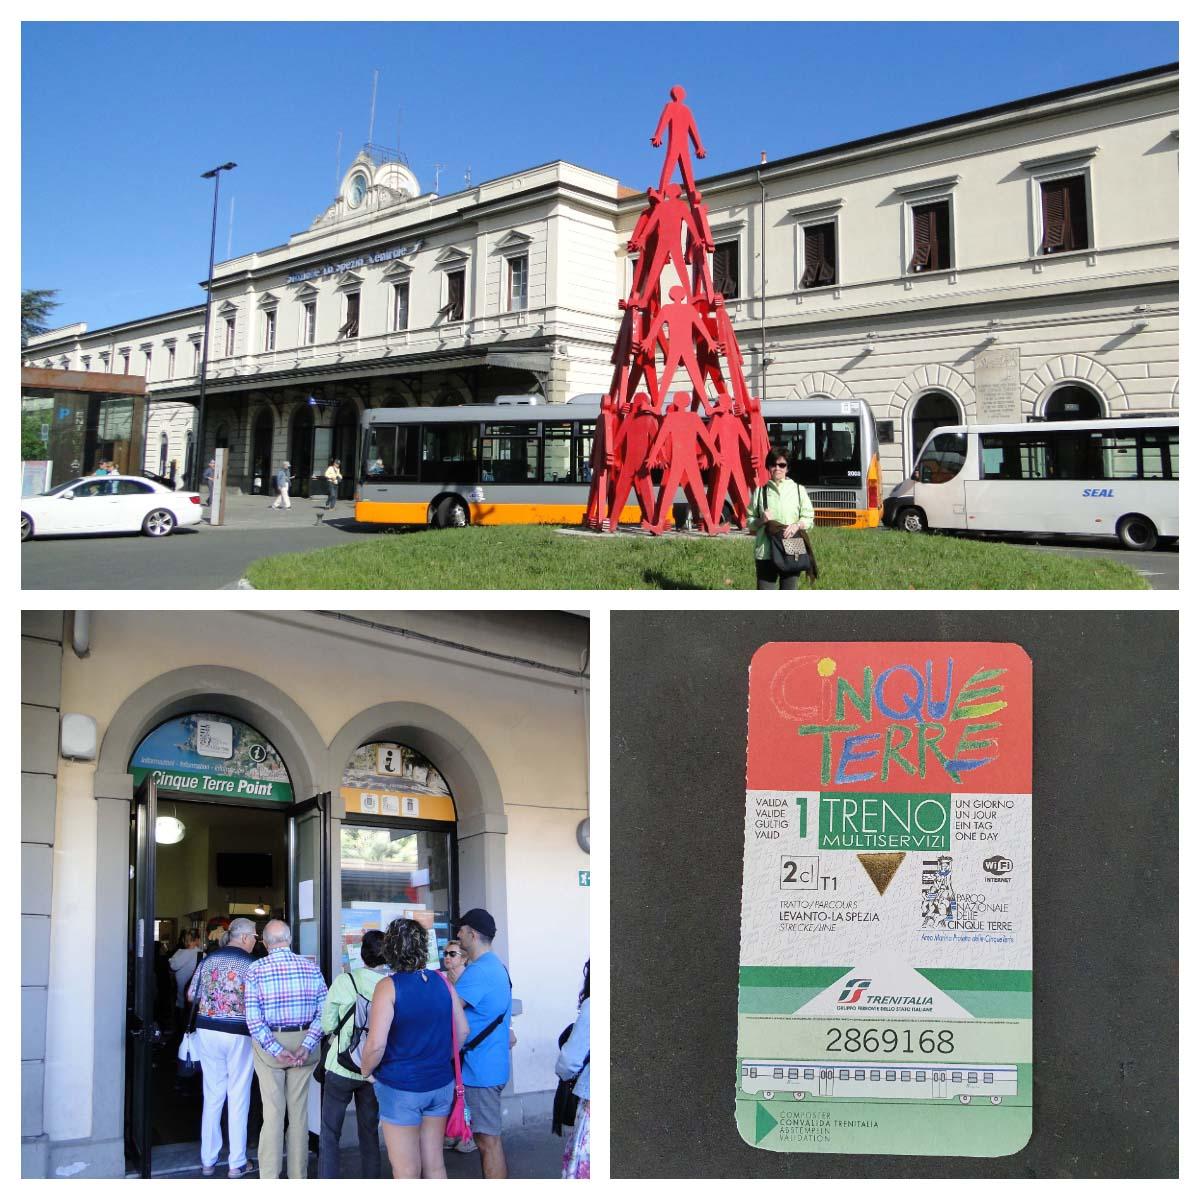 Cinque Terre Card, La Spezia Centrale